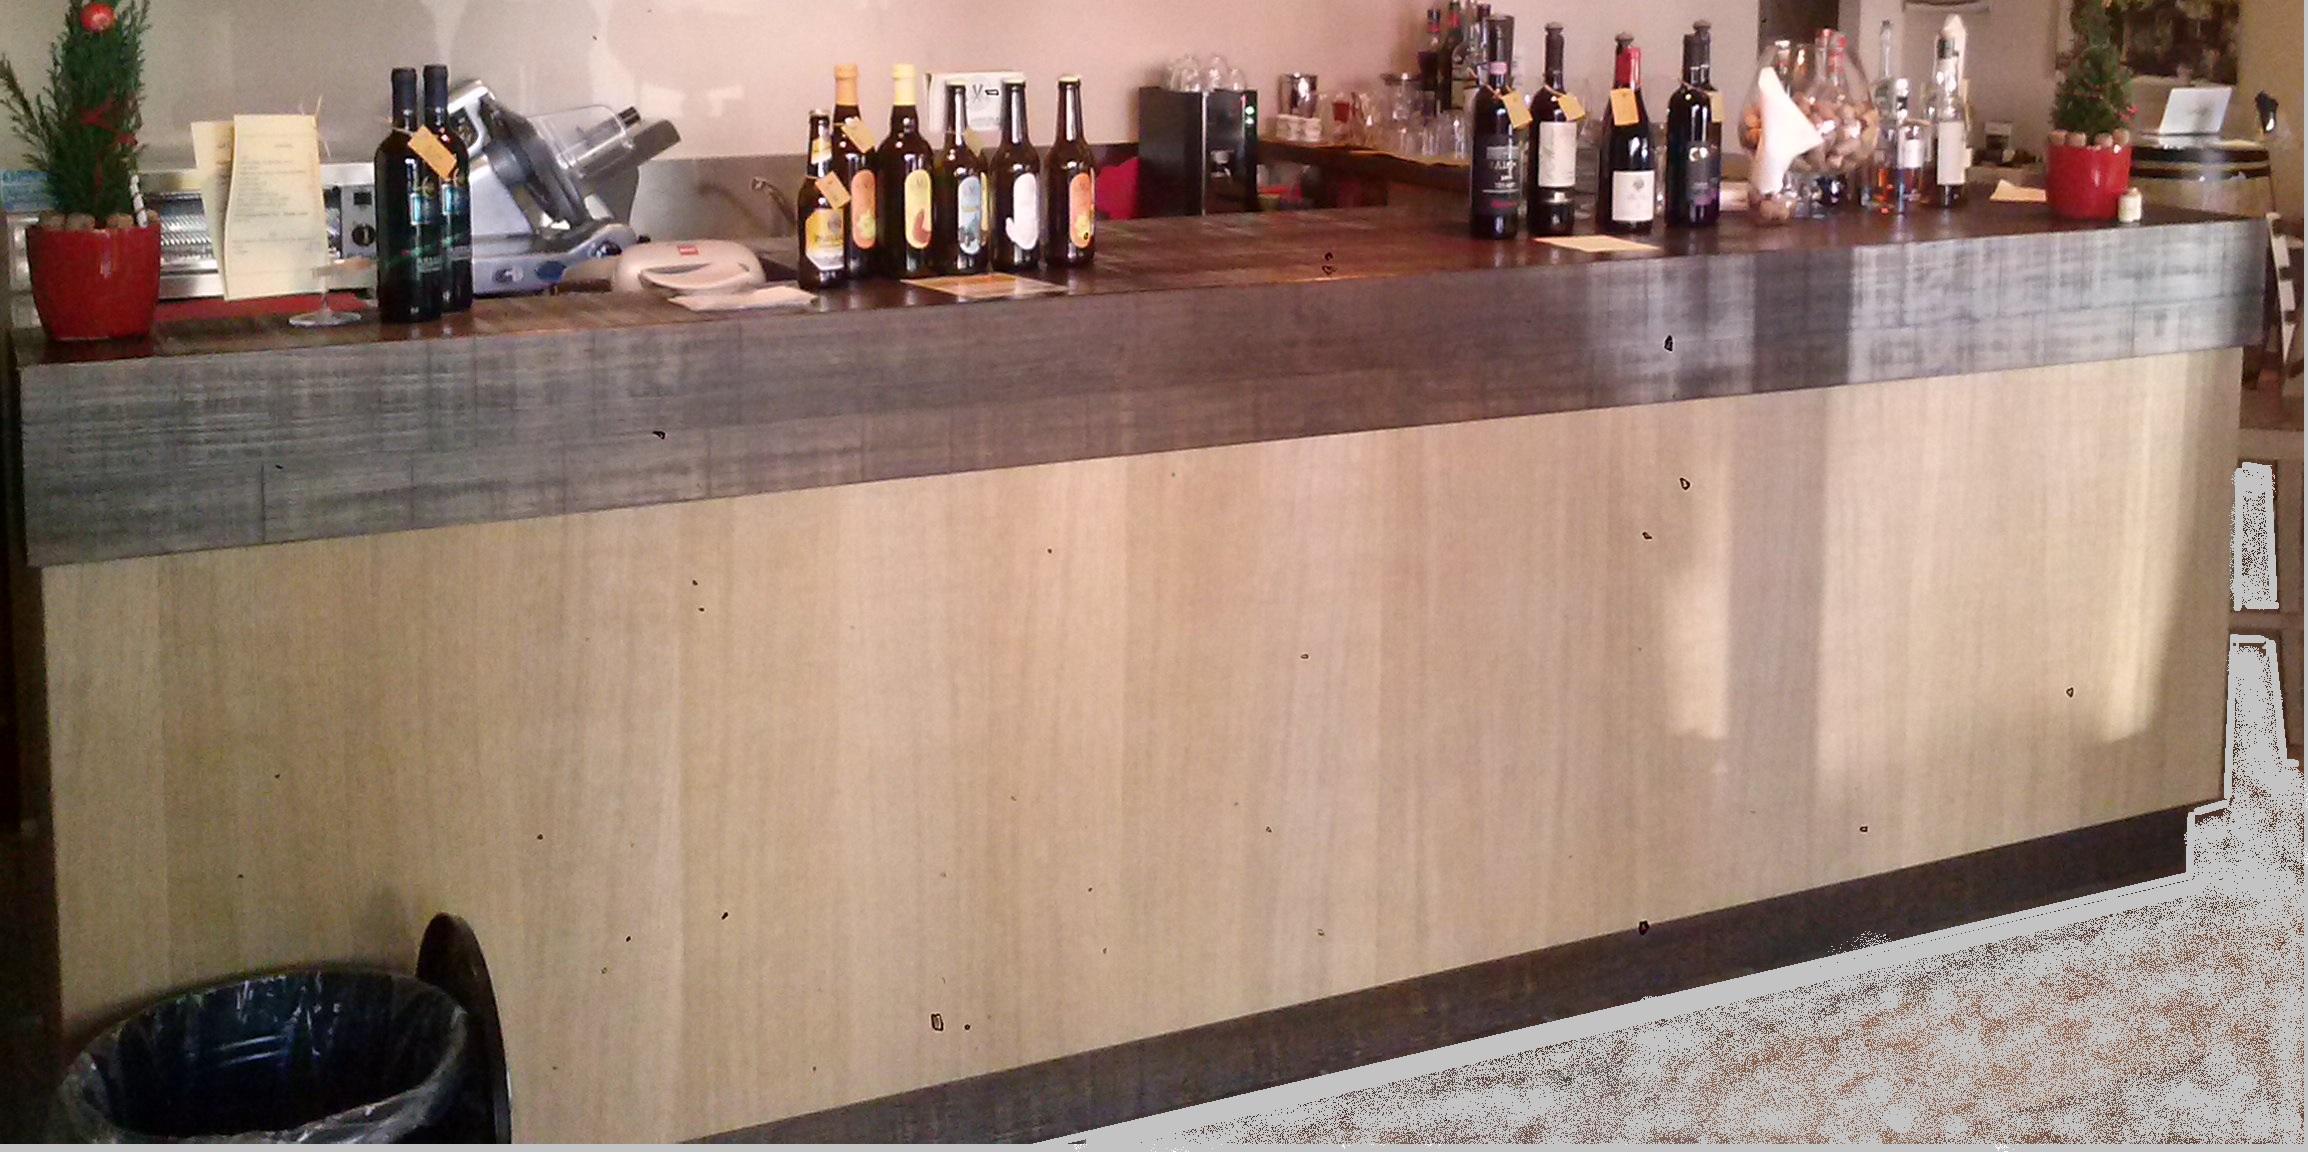 vendesi bancone bar usato con pedana e cella frigo